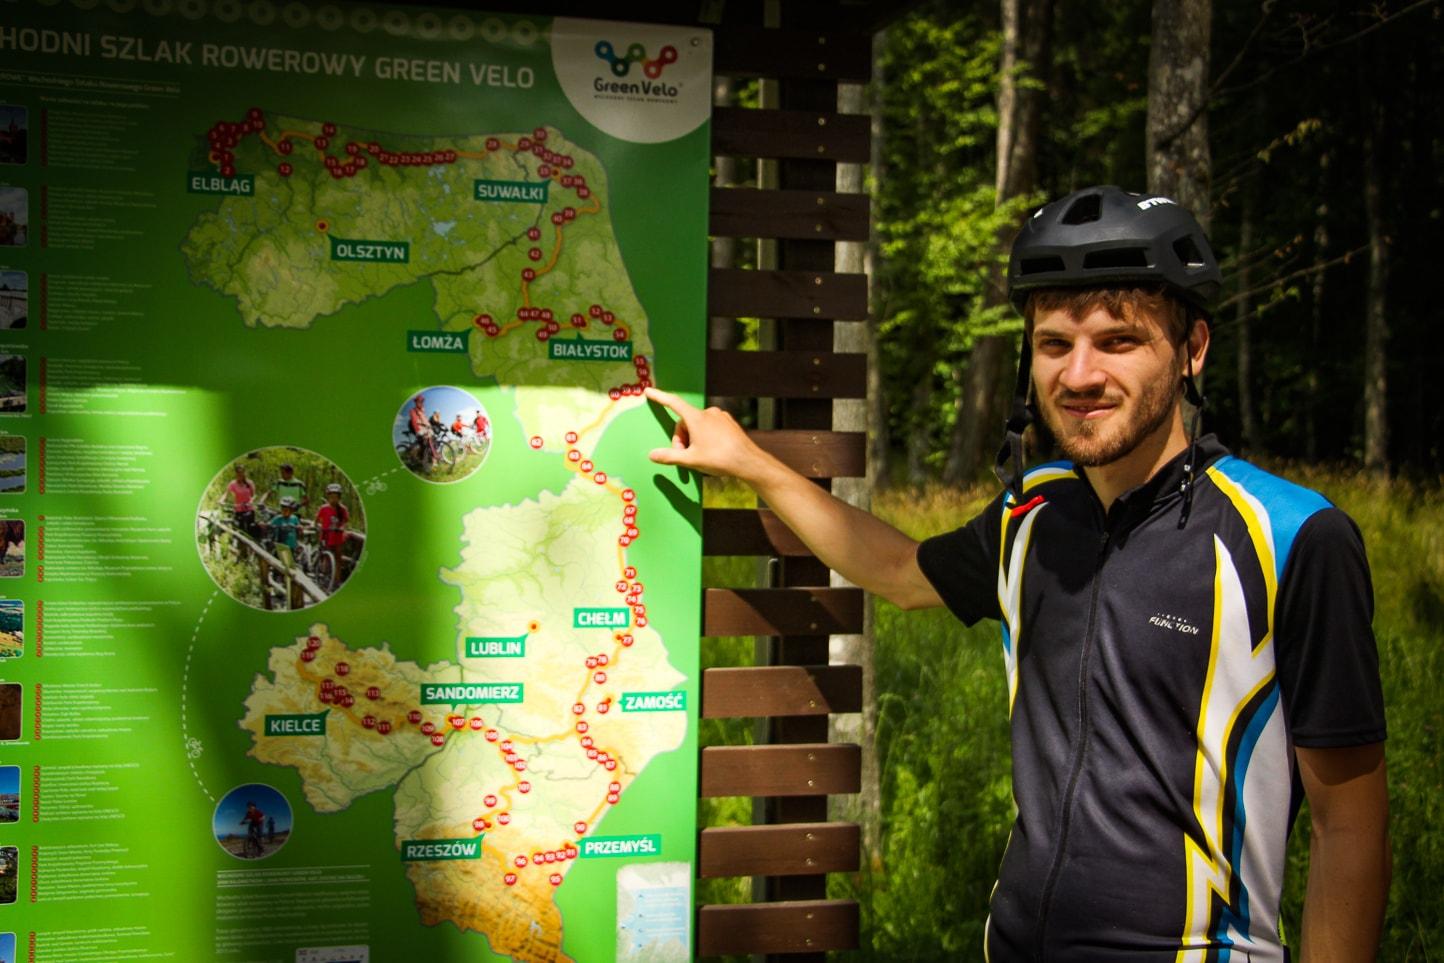 Trasa Green Velo  - jesteśmy Białowieży